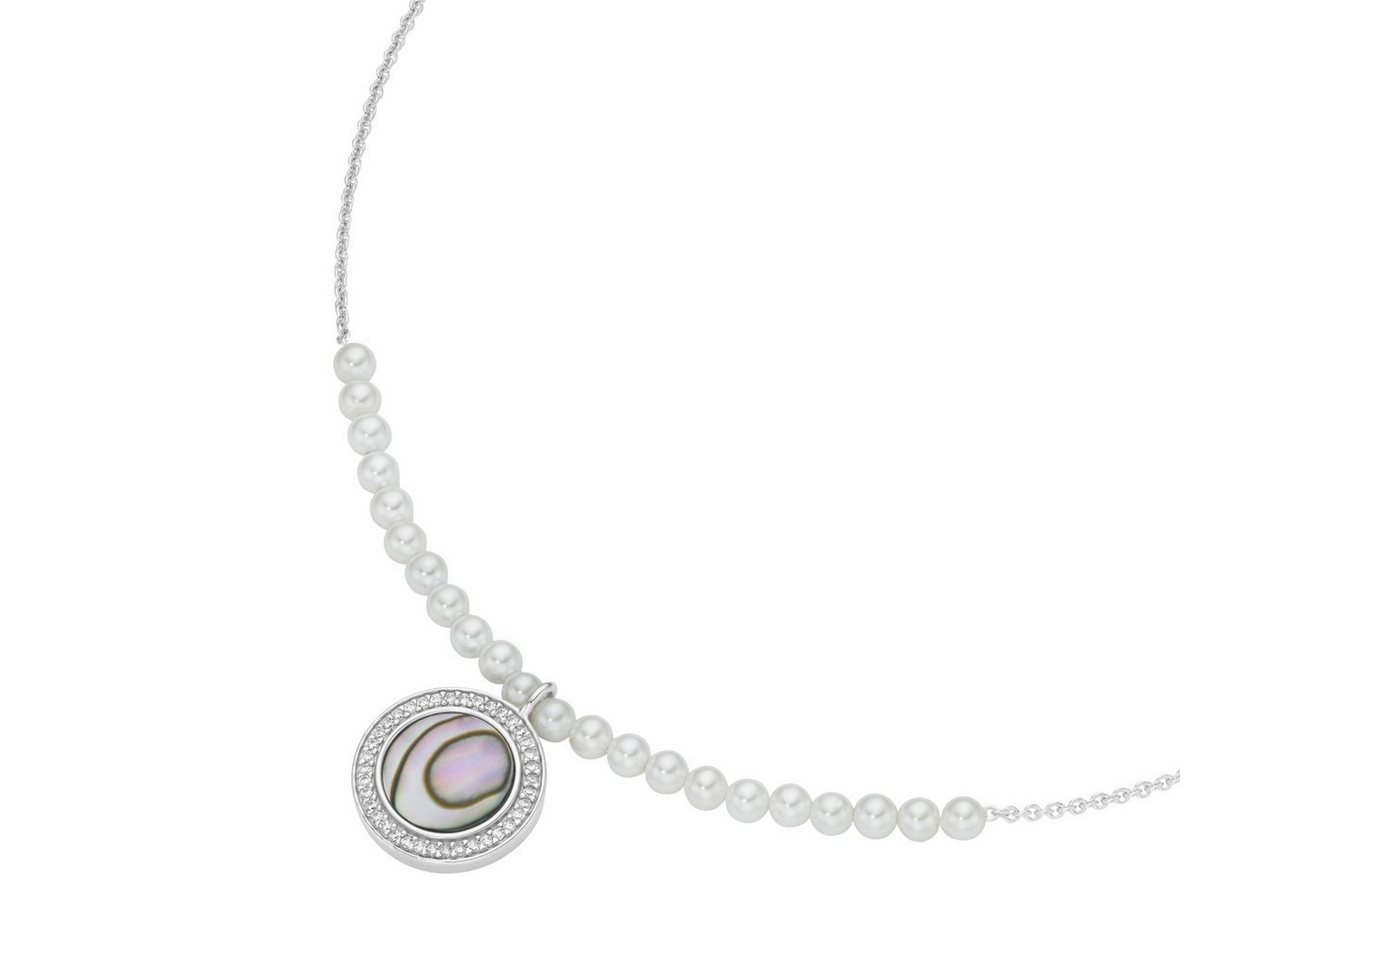 GIORGIO MARTELLO MILANO Perlenkette »weiße Muschelkern-Perlen und rundes Mittelteil« | Schmuck > Halsketten > Perlenketten | Bunt | GIORGIO MARTELLO MILANO